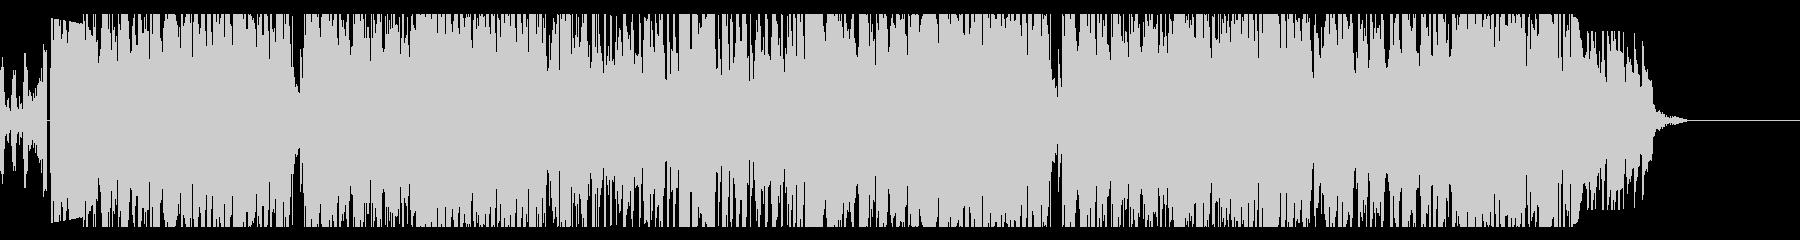 きらびやかなディスコ〜ファンク風ポップの未再生の波形